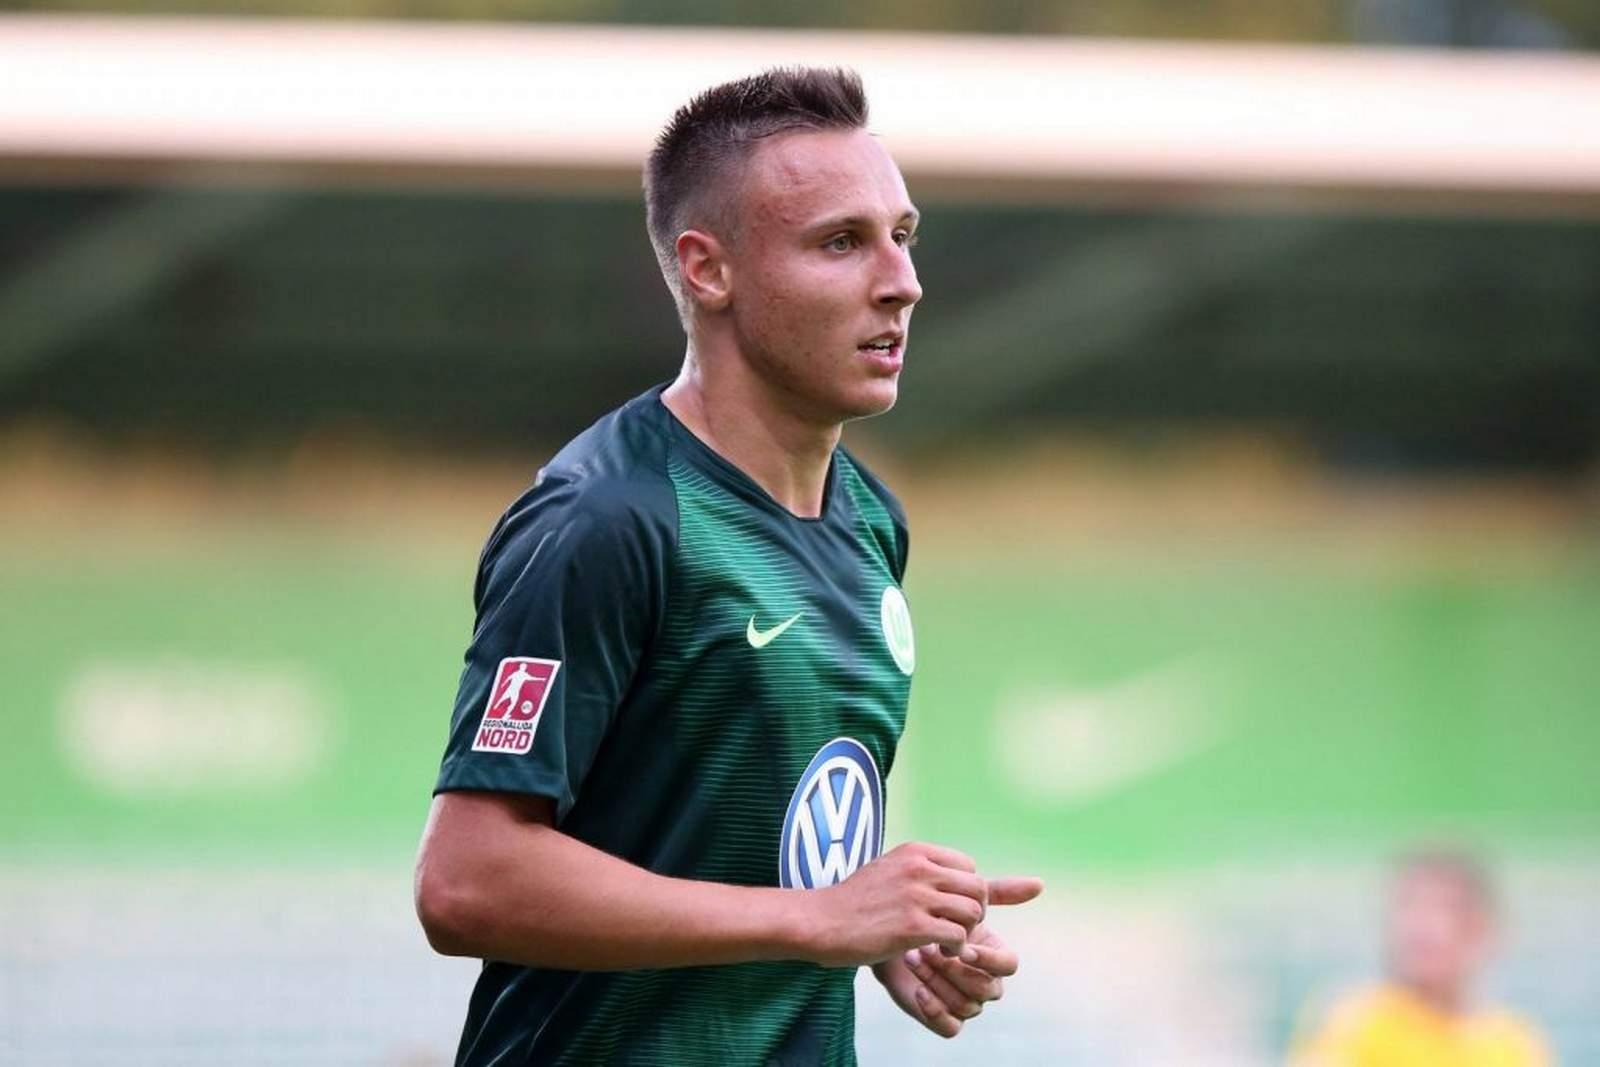 Dominik Franke bei der U23 des VfL Wolfsburg